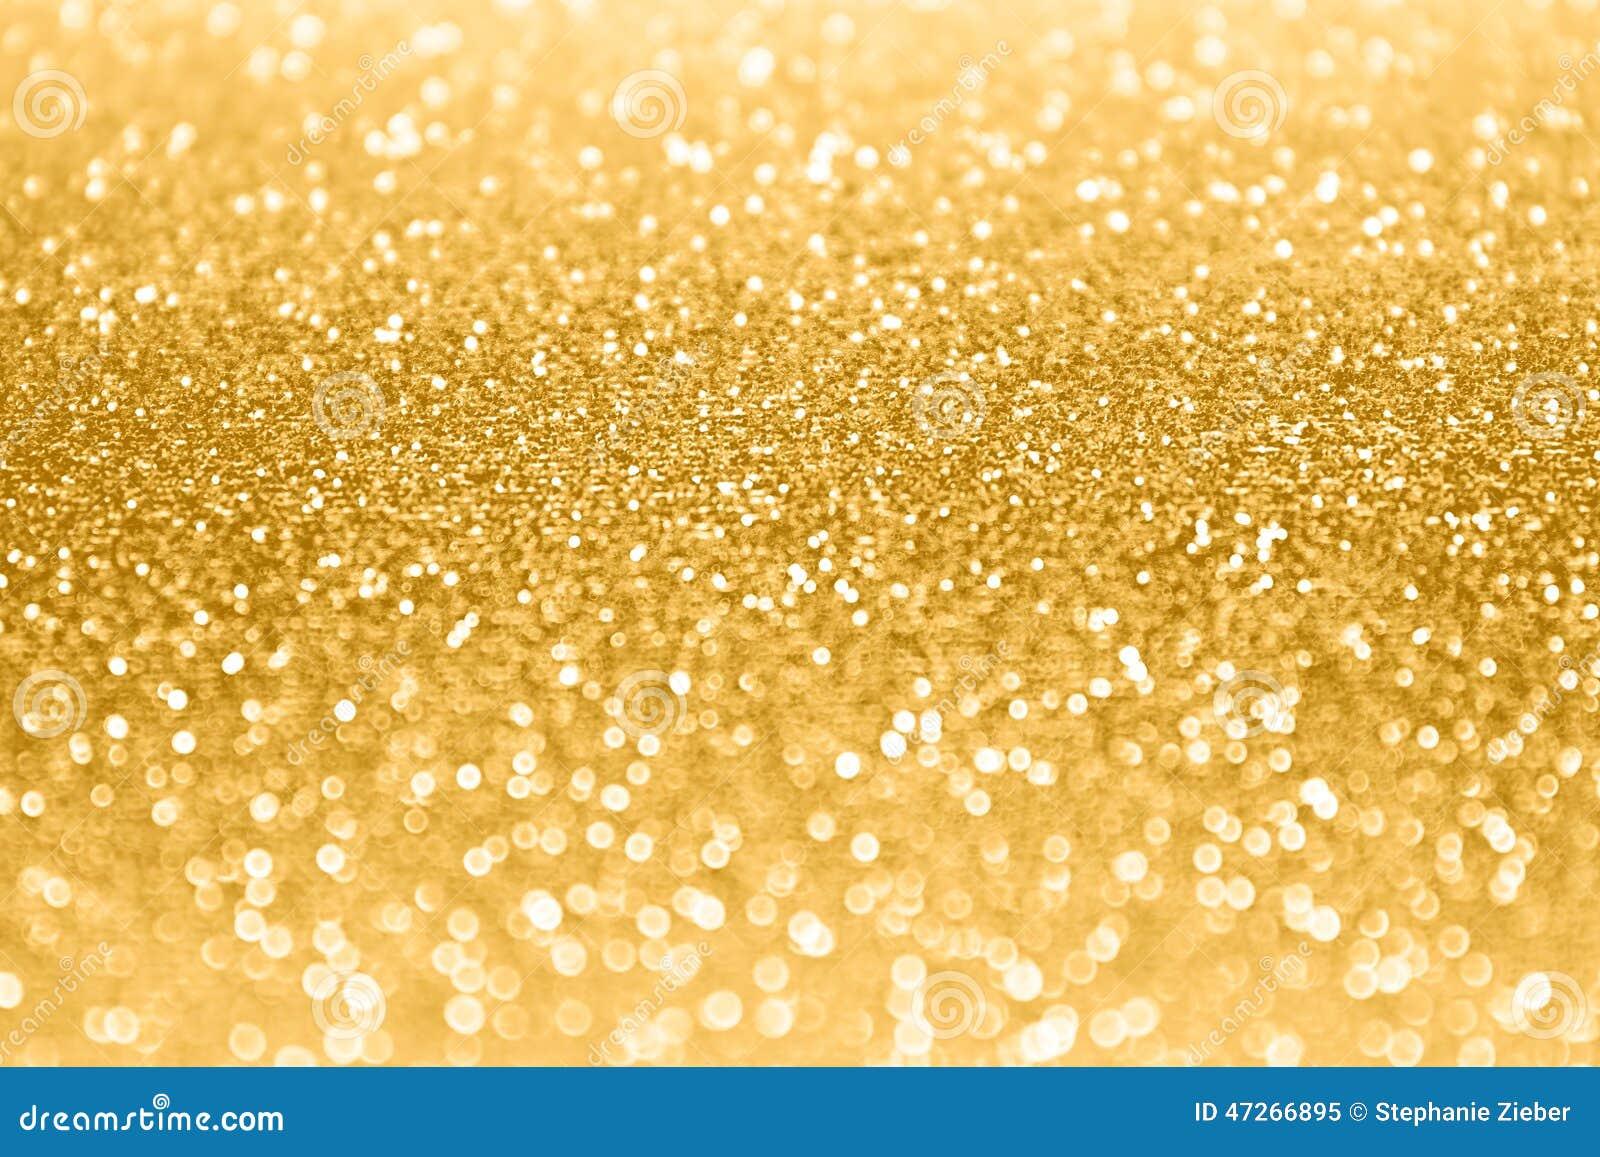 Gold Glitter Sparkle Confetti Background Stock Photo ...